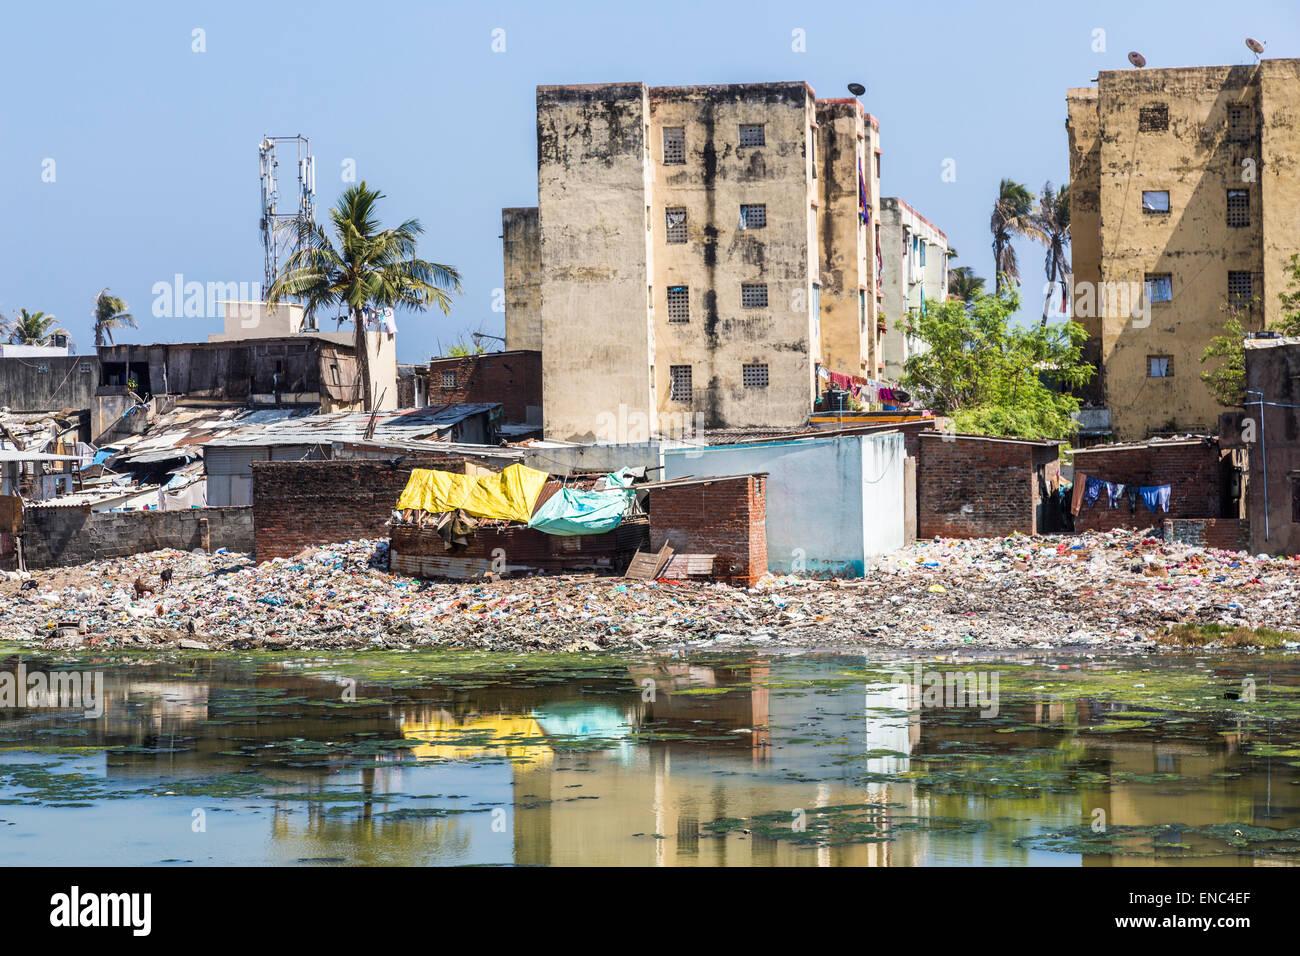 Baraccopoli sulle rive del inquinato Adyar estuario del fiume di Chennai, nello Stato del Tamil Nadu, India meridionale: Immagini Stock